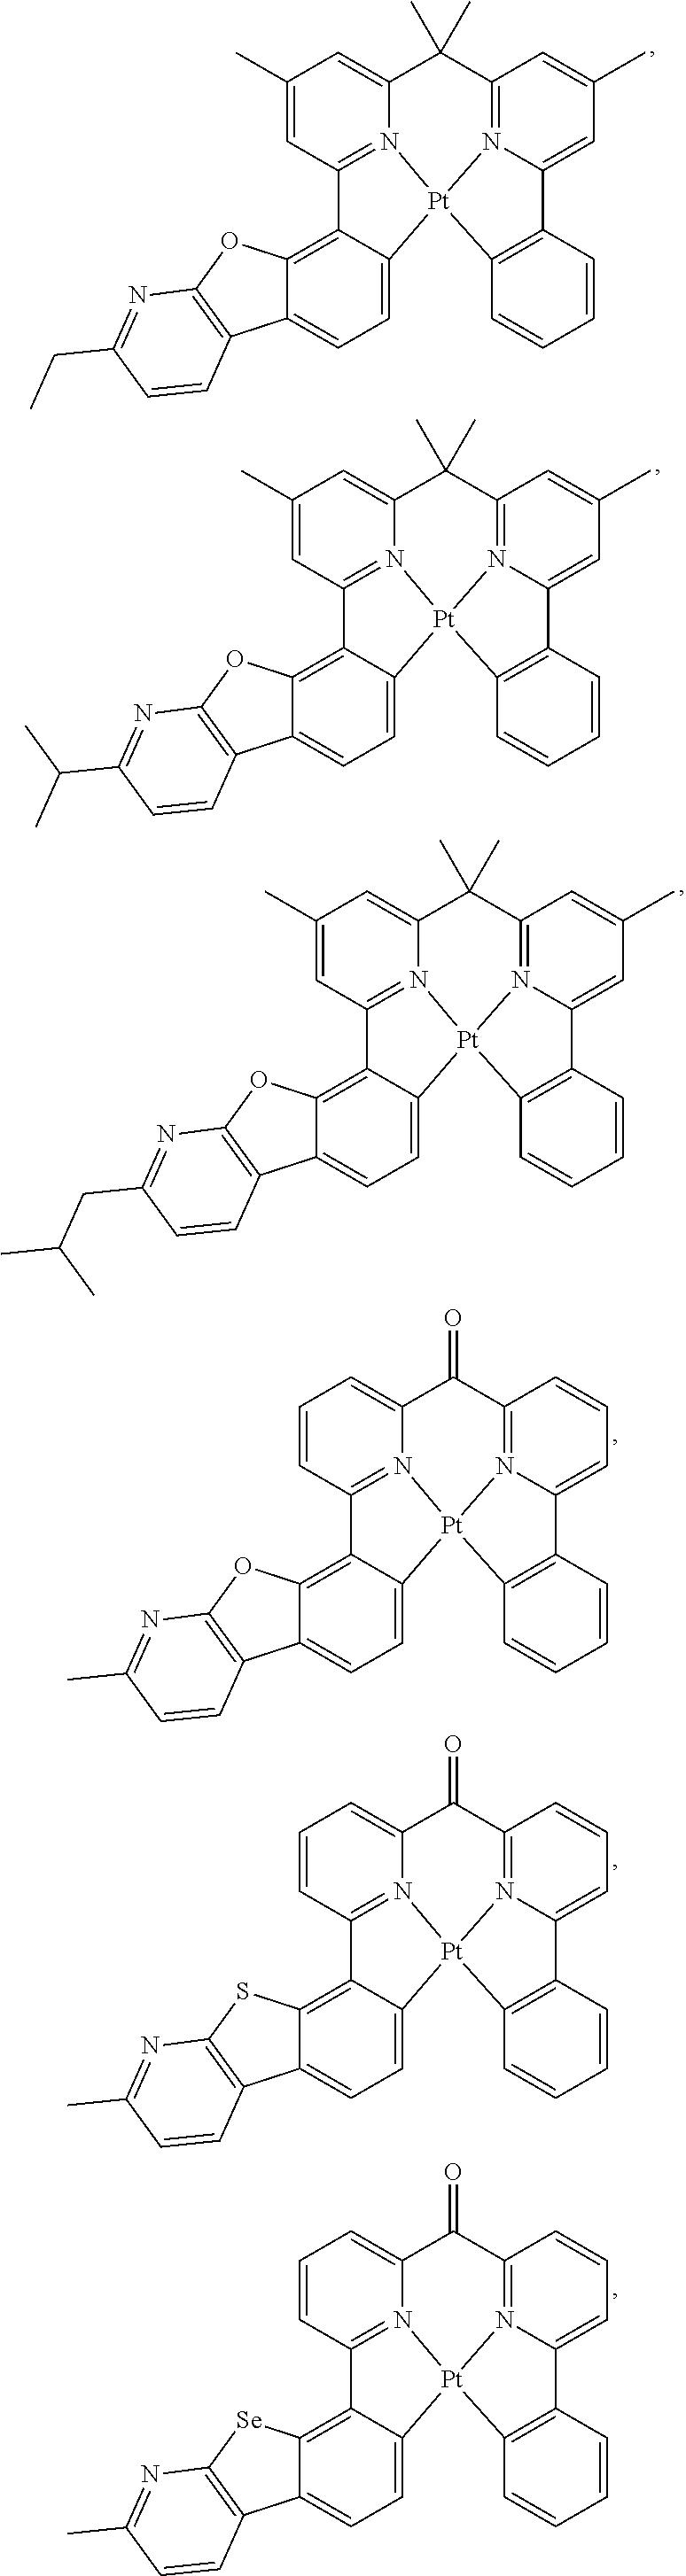 Figure US09871214-20180116-C00014